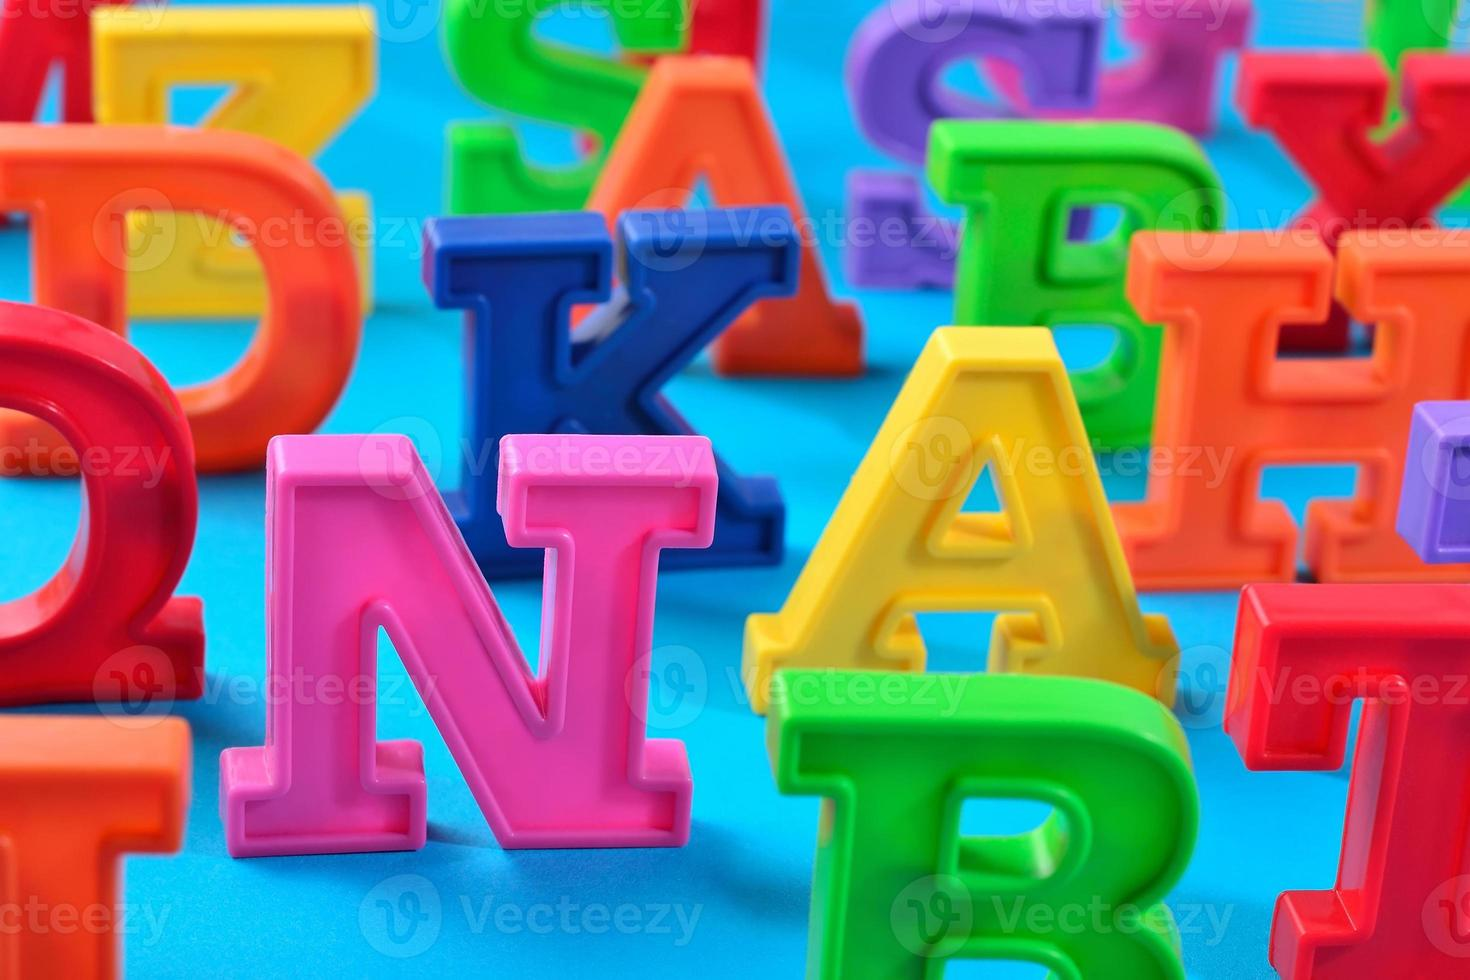 Lettres de l'alphabet coloré en plastique gros plan sur un bleu photo